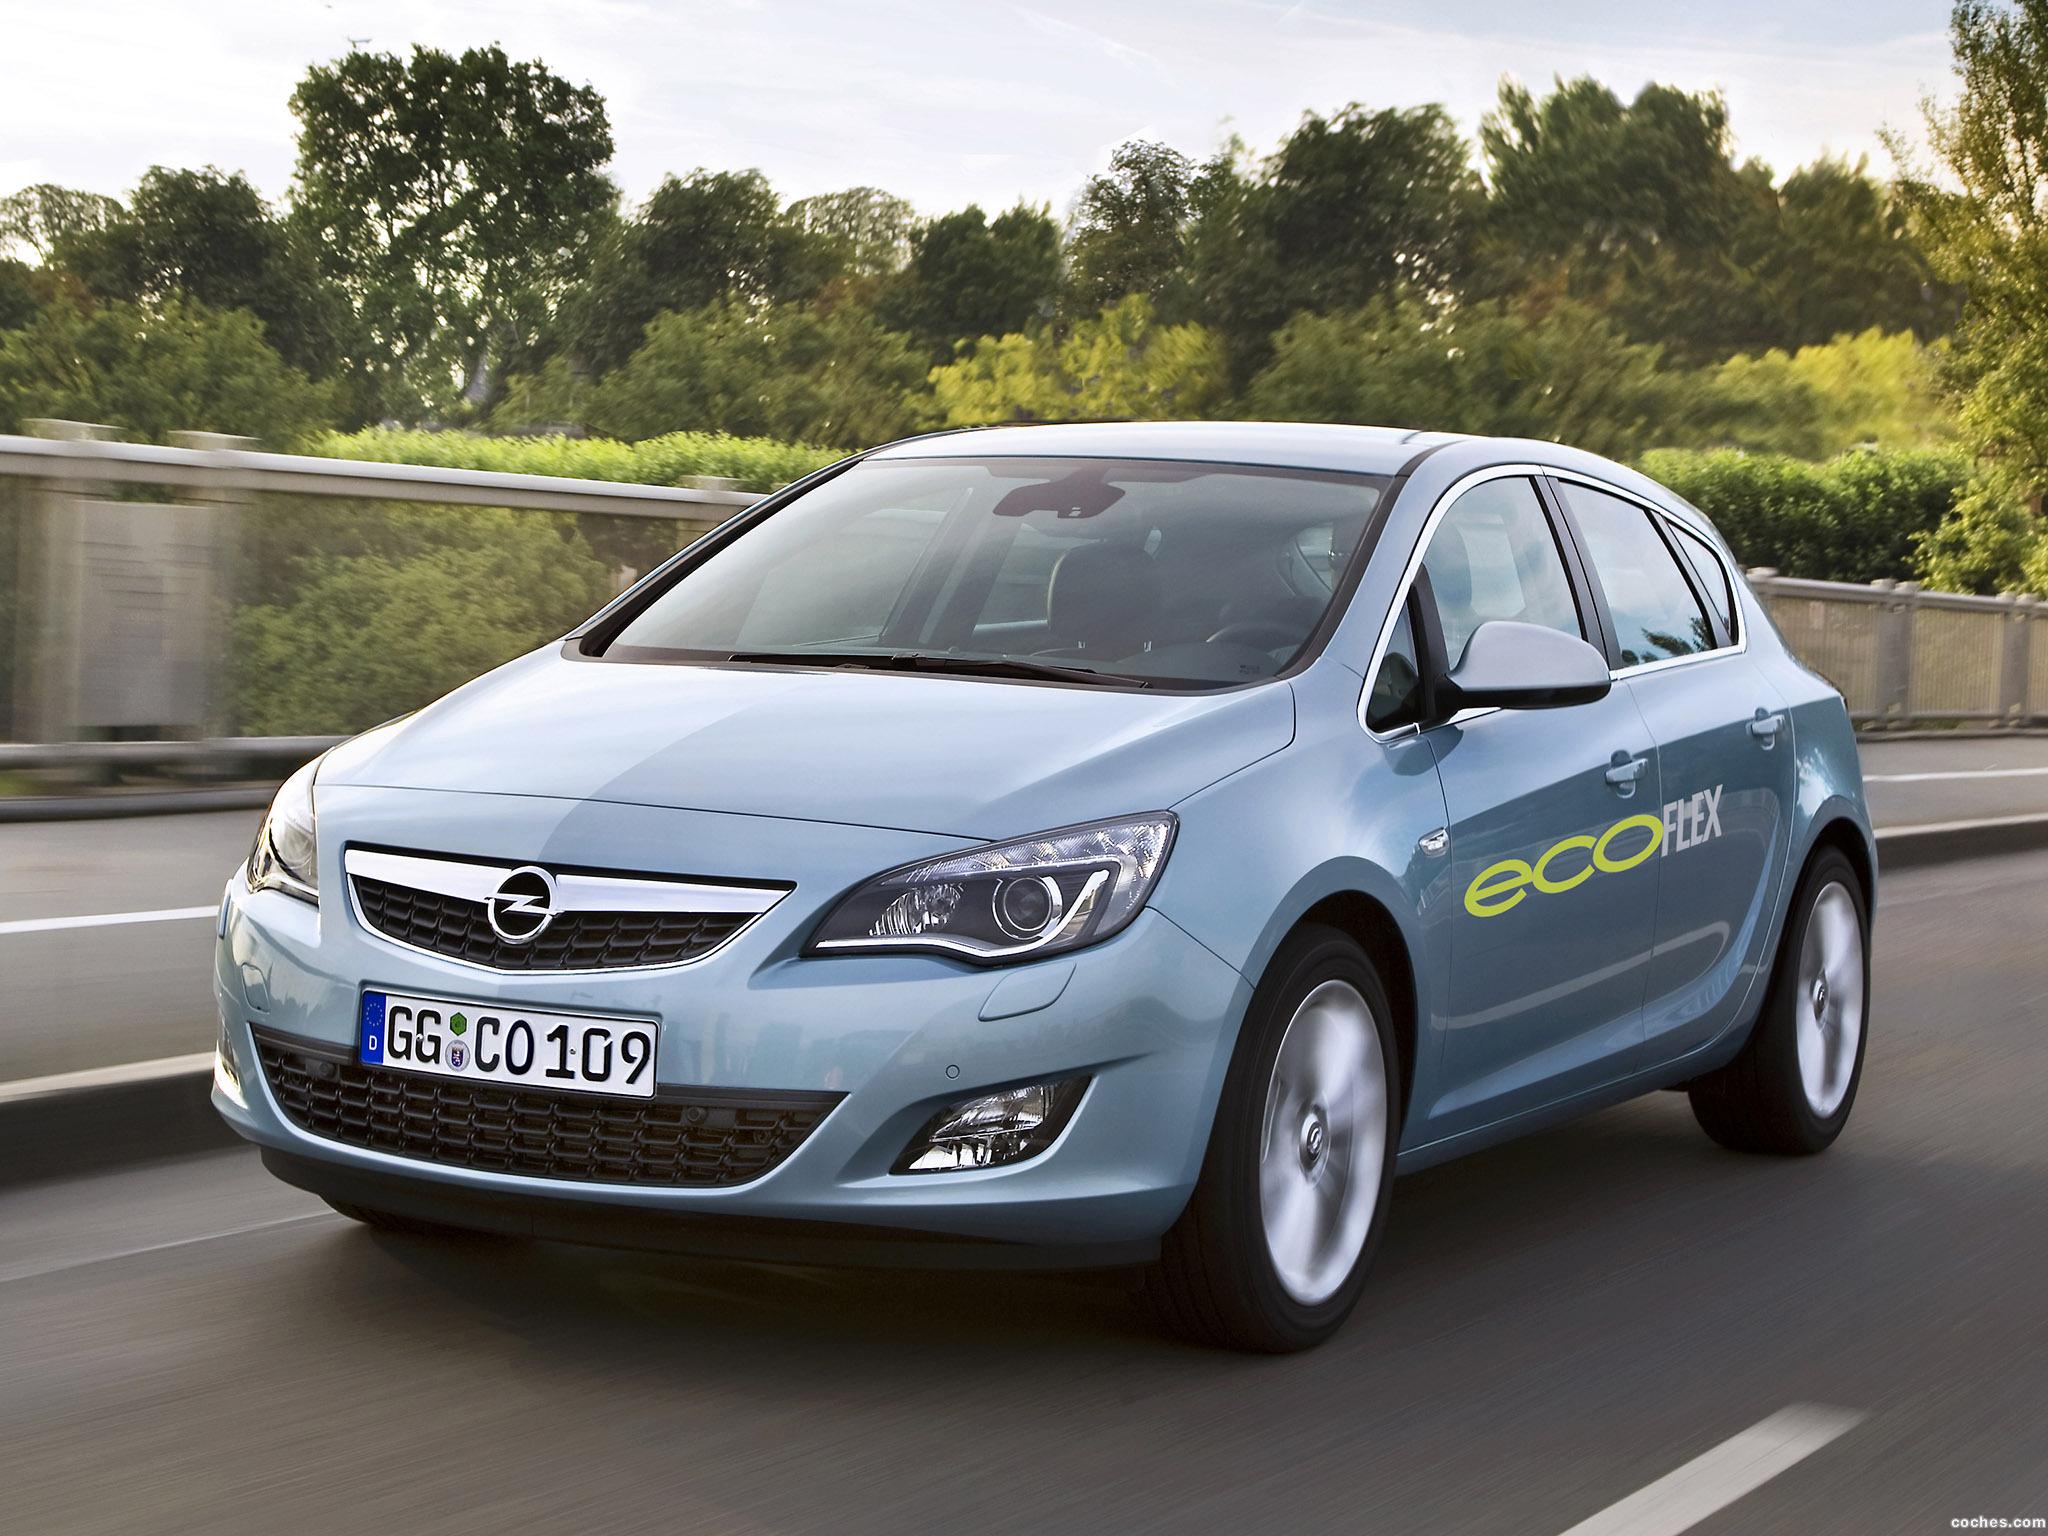 Foto 0 de Opel Astra ecoFLEX 2009